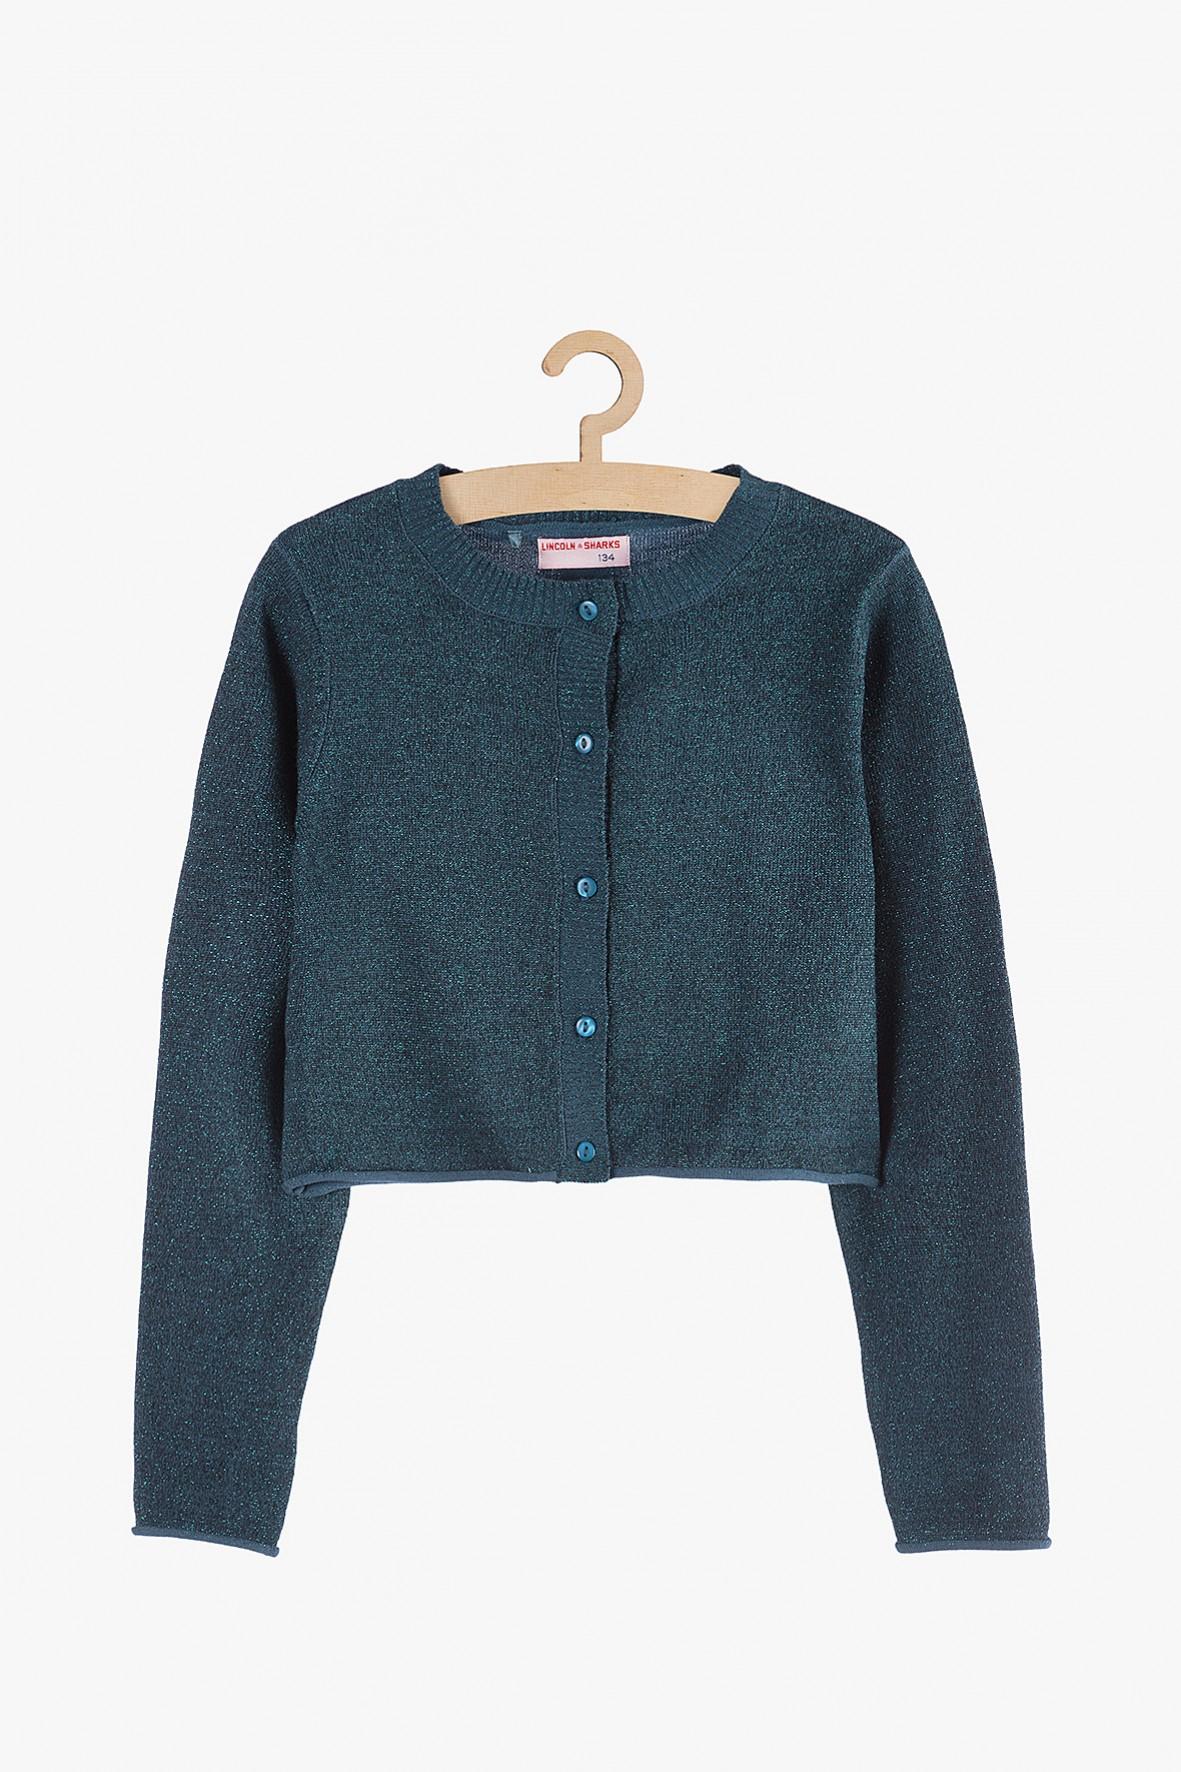 Elegancki-granatowy sweter dla dziewczynki